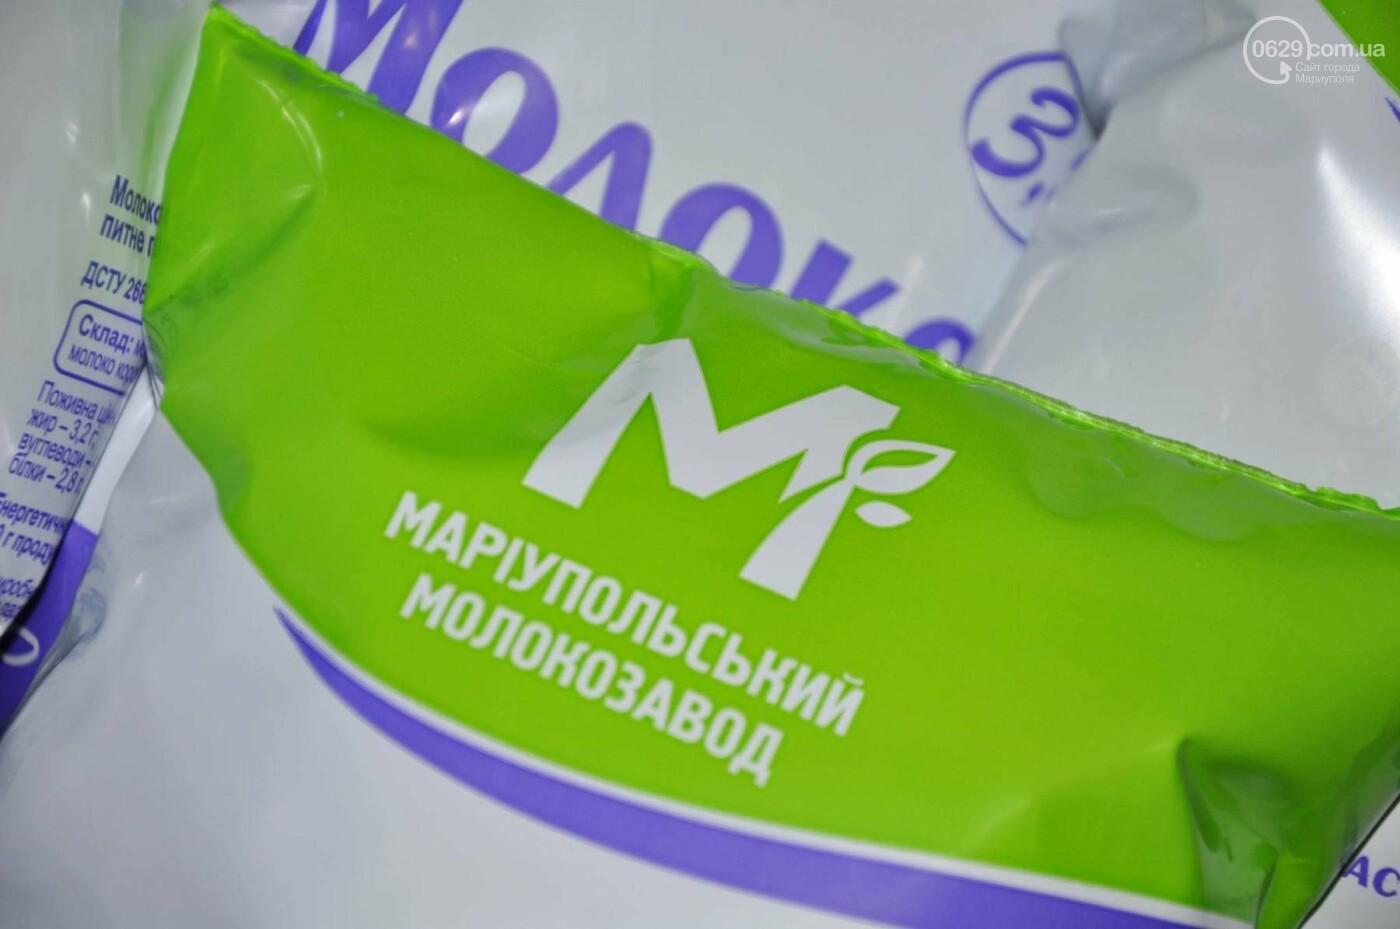 Юрий Тернавский: «Мариупольский молокозавод может напоить молоком каждого жителя Мариуполя и Приазовья», фото-84